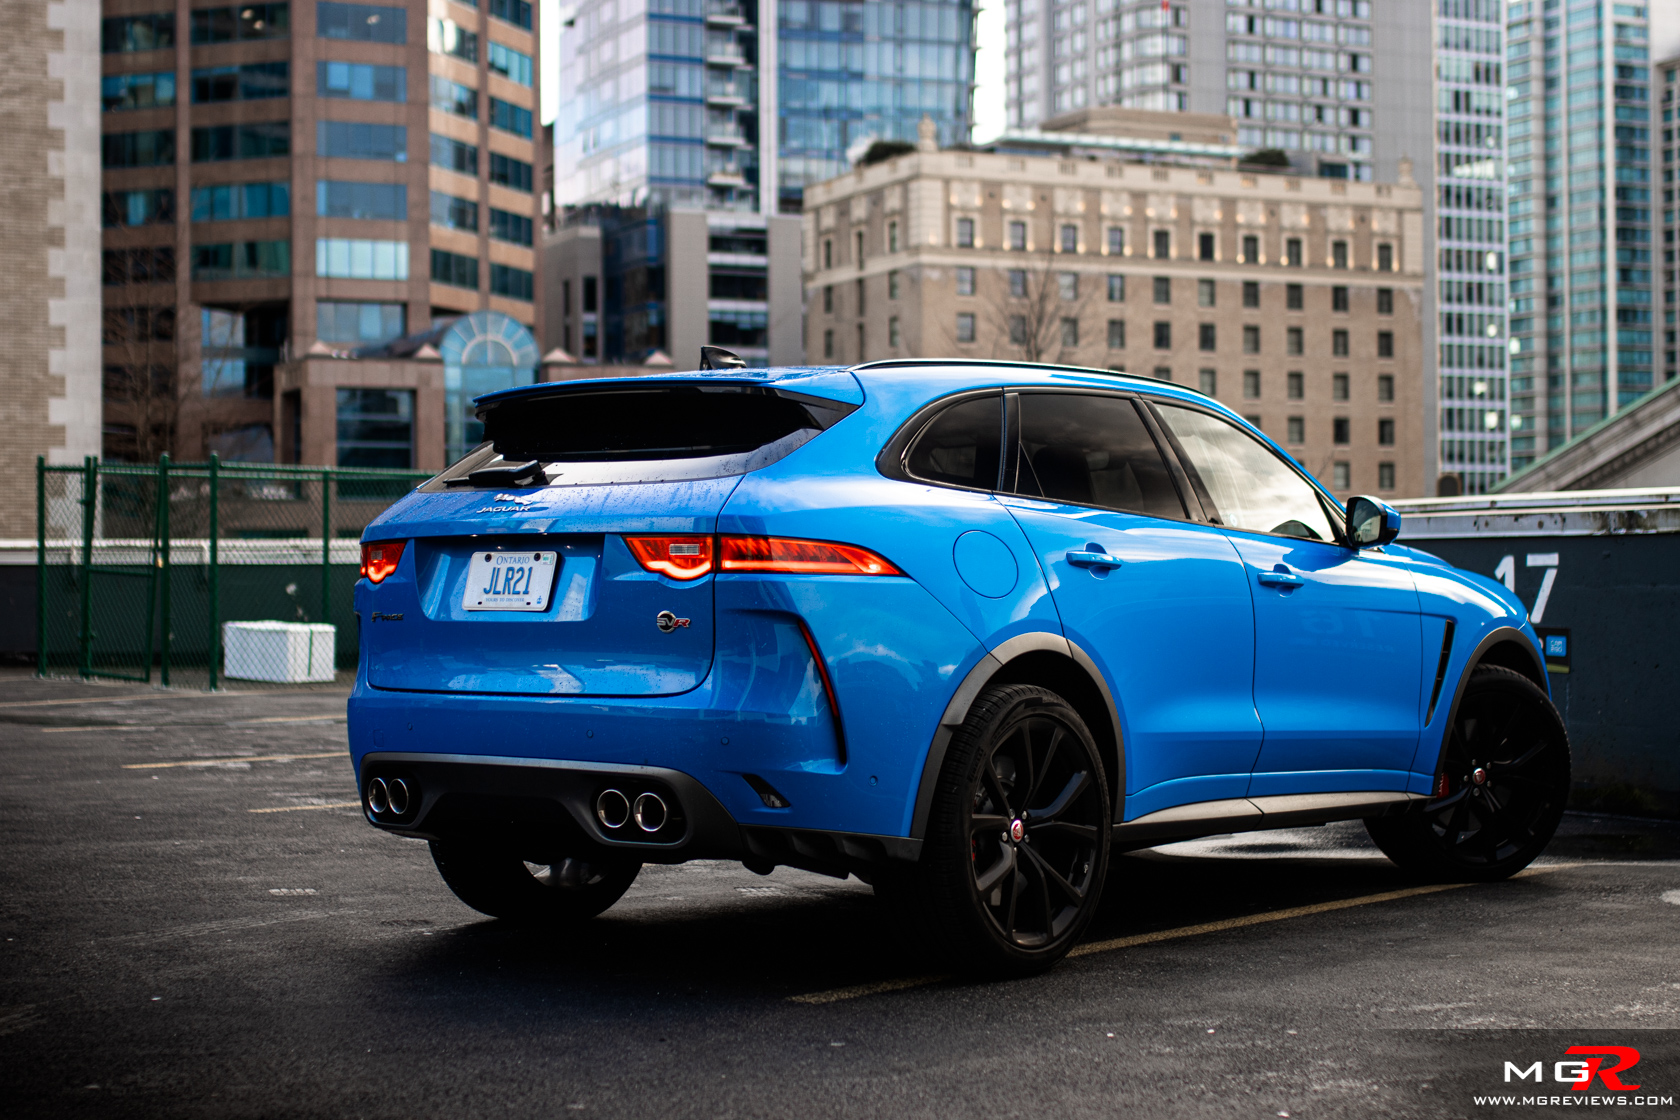 2020 Jaguar F-Pace SVR